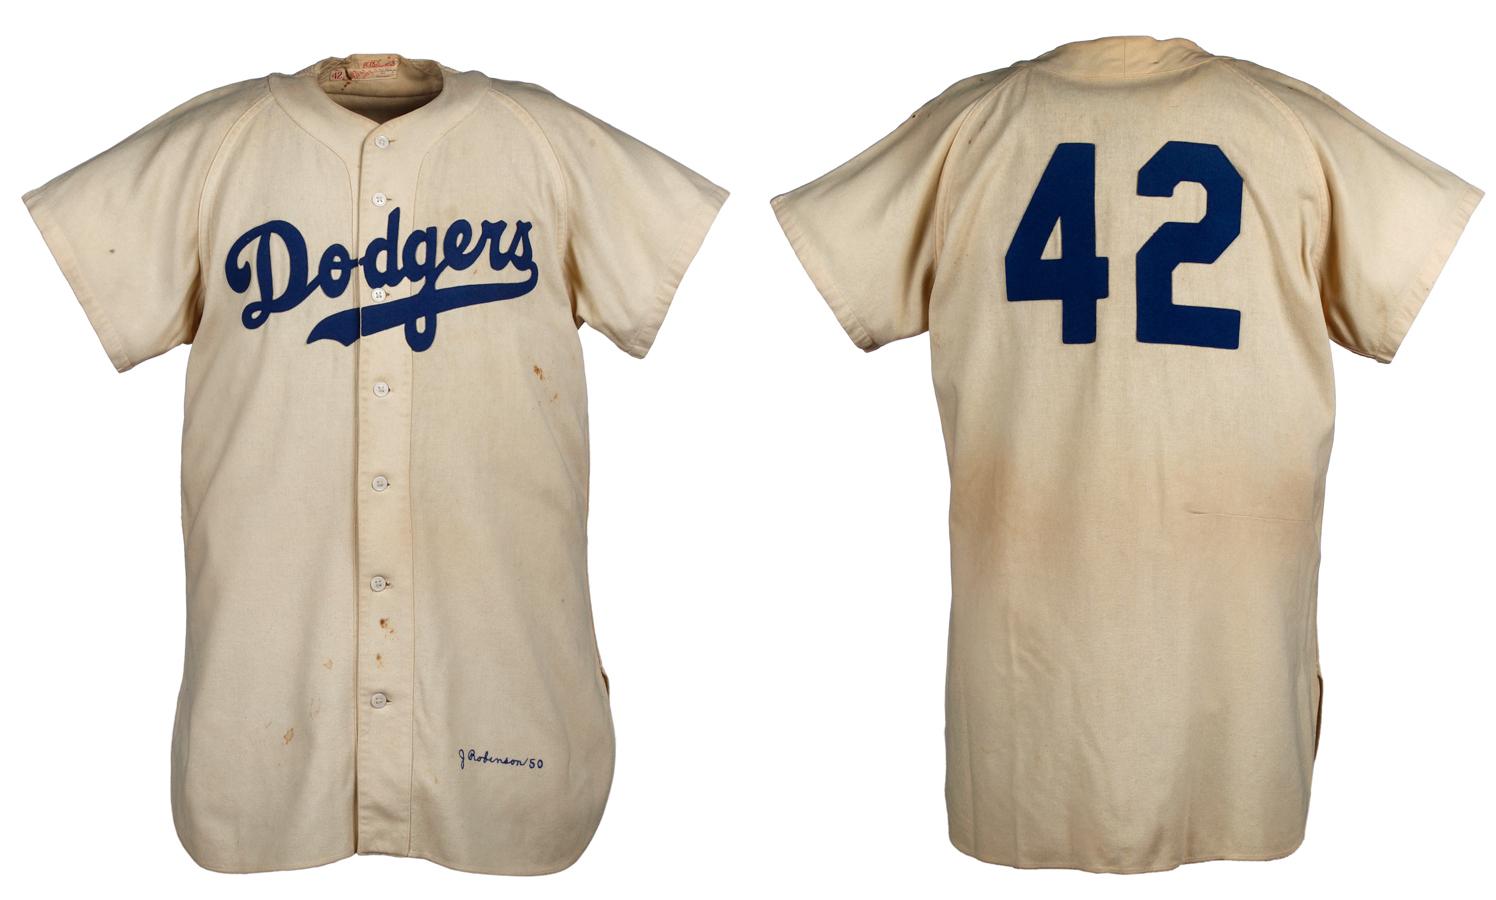 Dodgers Blue Heaven  Lelands  Jackie 1d3e450a65f